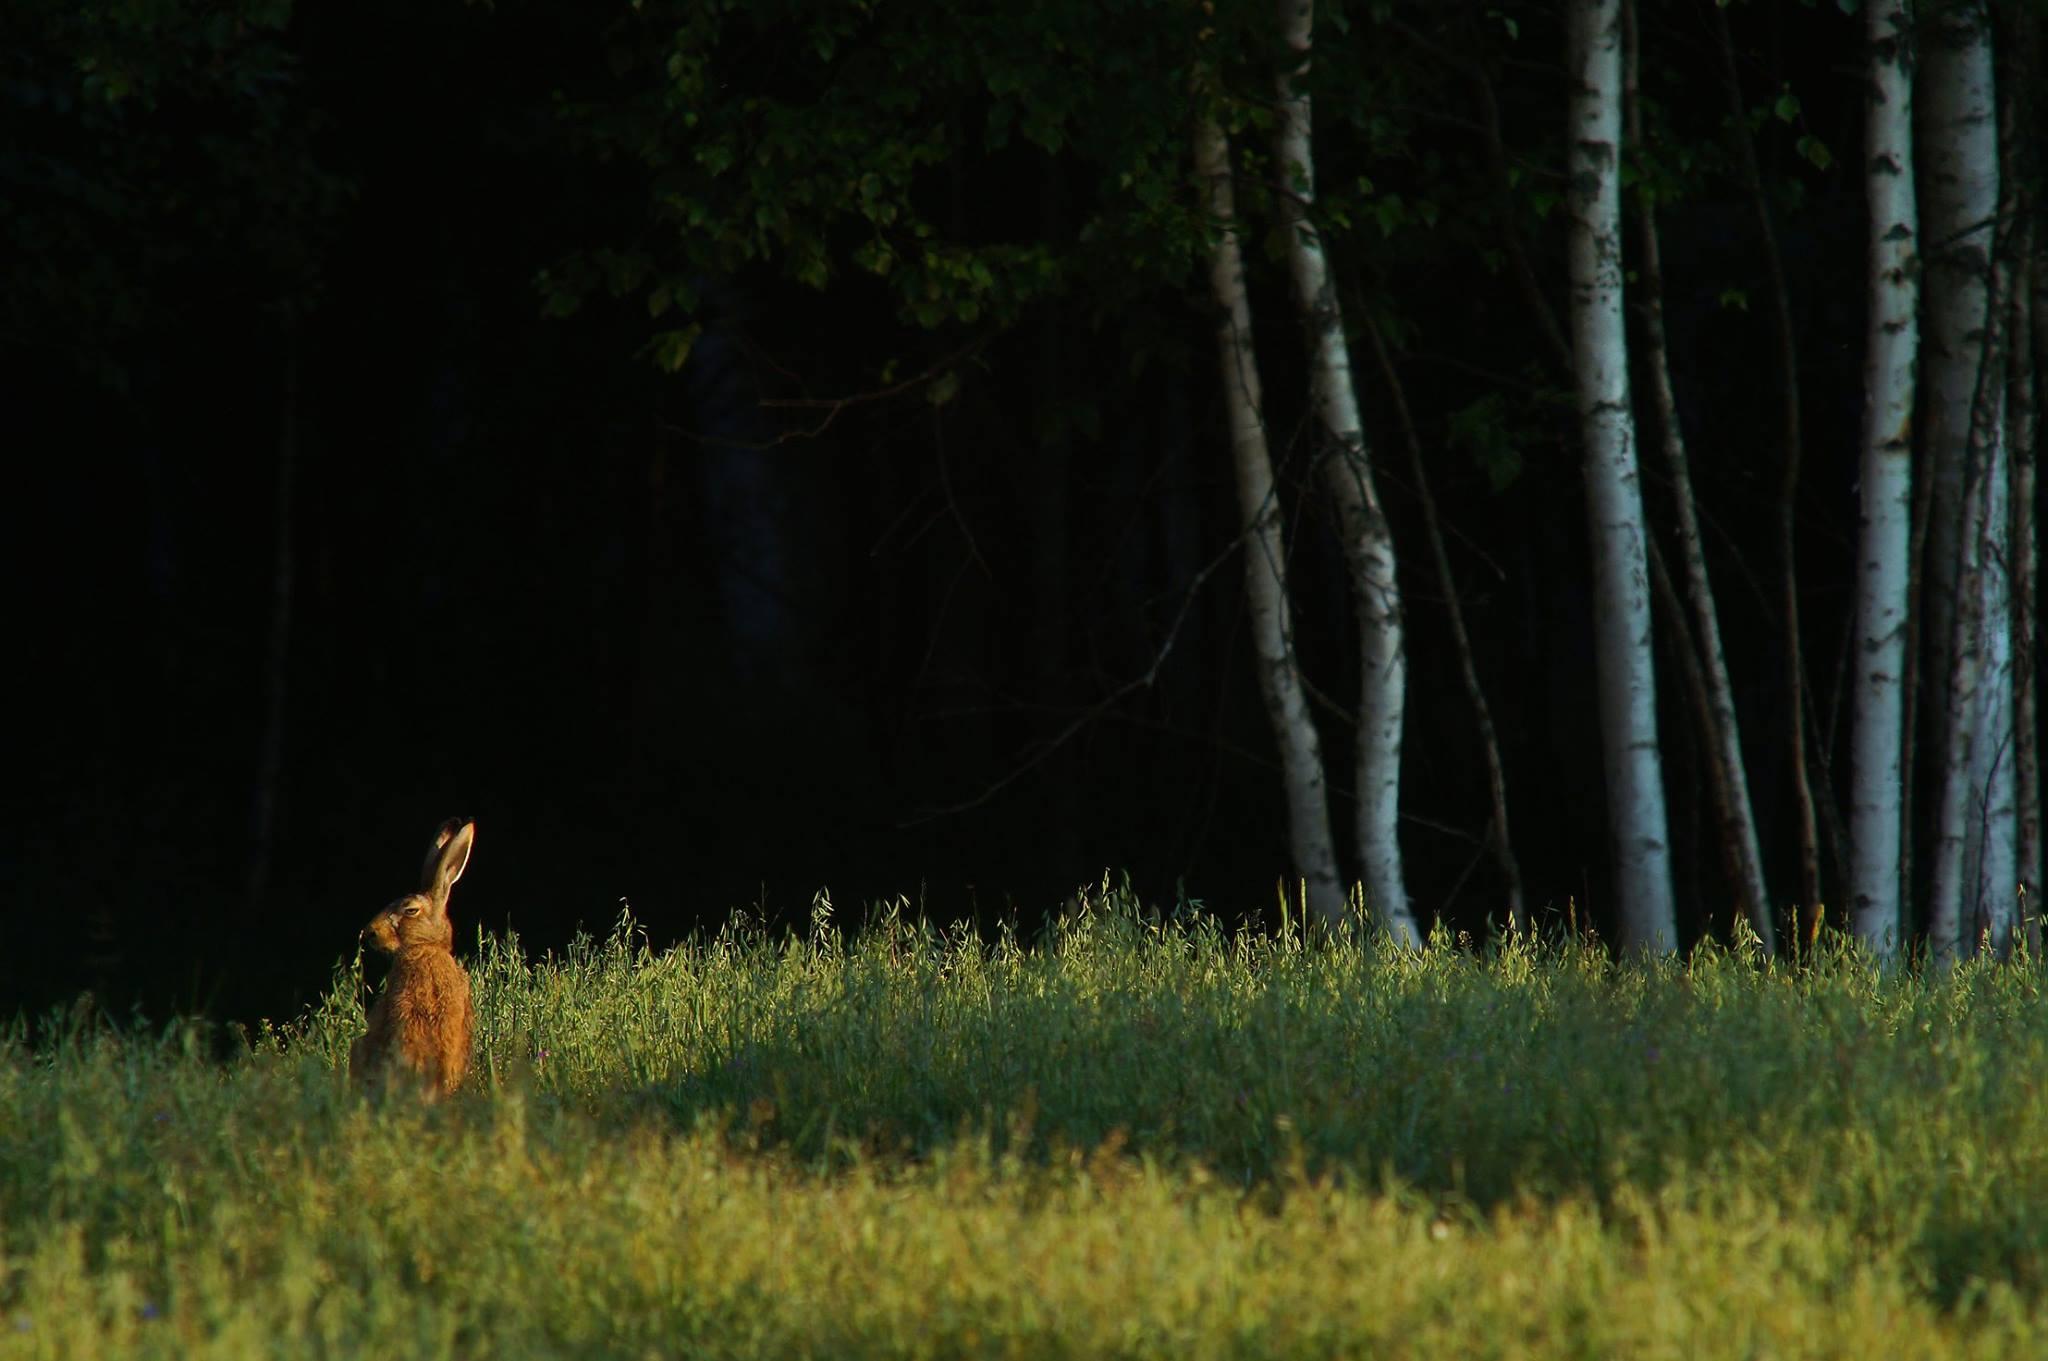 Заяц.Лес., Илья Бышнёв